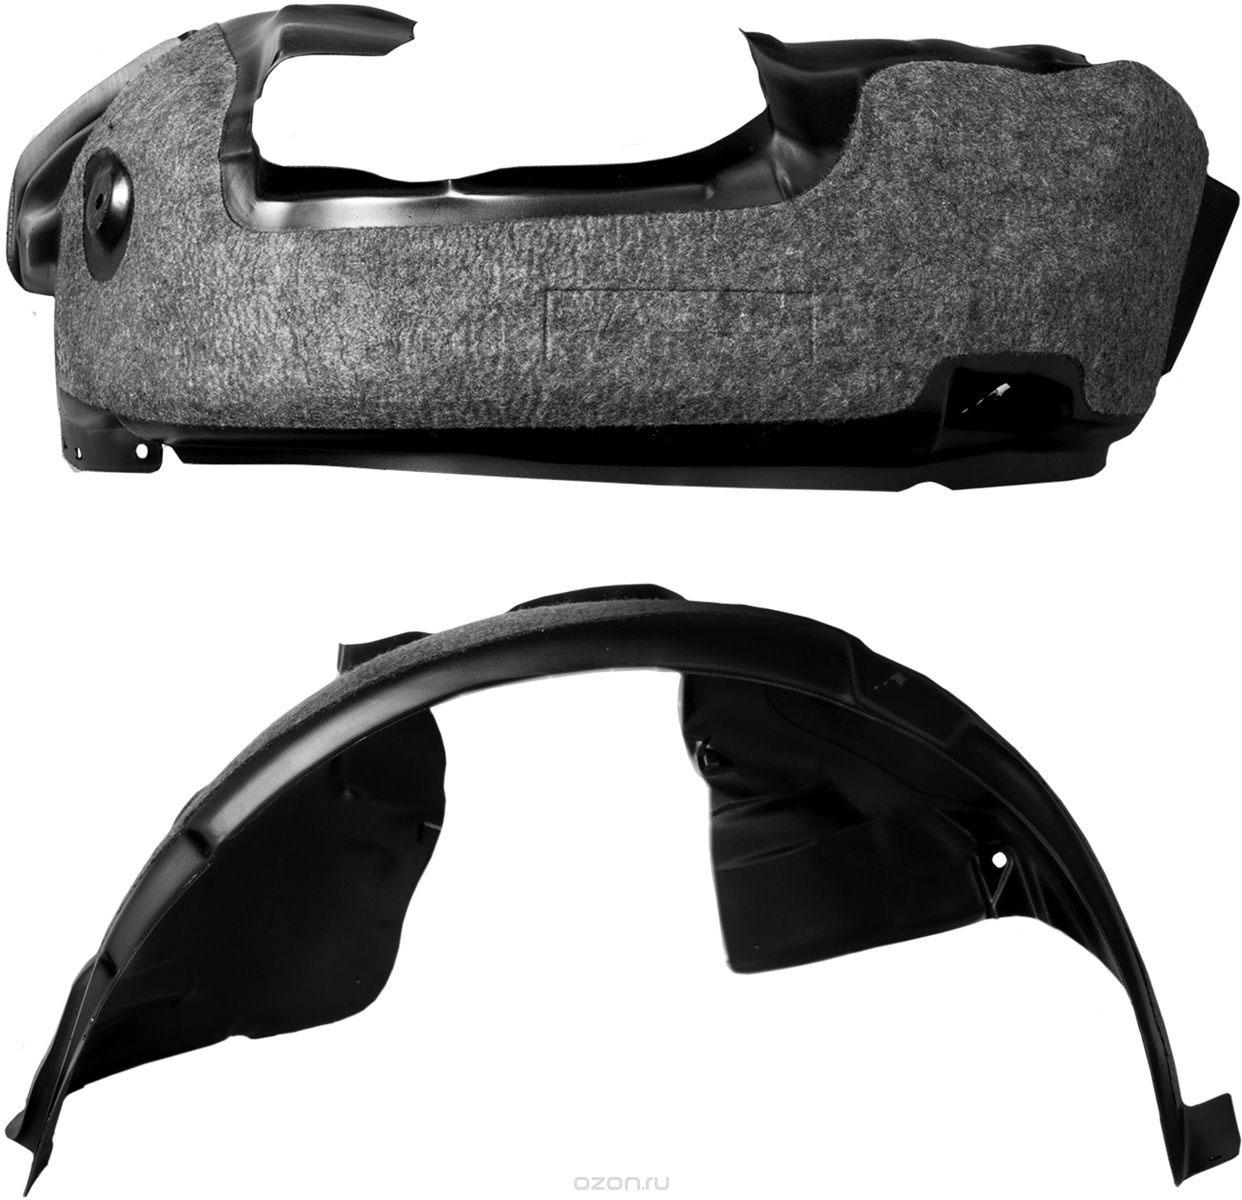 Подкрылок Novline-Autofamily с шумоизоляцией, для Suzuki Vitara, 03/2015->, задний правыйNLS.47.01.004Идеальная защита колесной ниши. Локеры разработаны с применением цифровых технологий, гарантируют максимальную повторяемость поверхности арки. Изделия устанавливаются без нарушения лакокрасочного покрытия автомобиля, каждый подкрылок комплектуется крепежом. Уважаемые клиенты, обращаем ваше внимание, что фотографии на подкрылки универсальные и не отражают реальную форму изделия. При этом само изделие идет точно под размер указанного автомобиля.